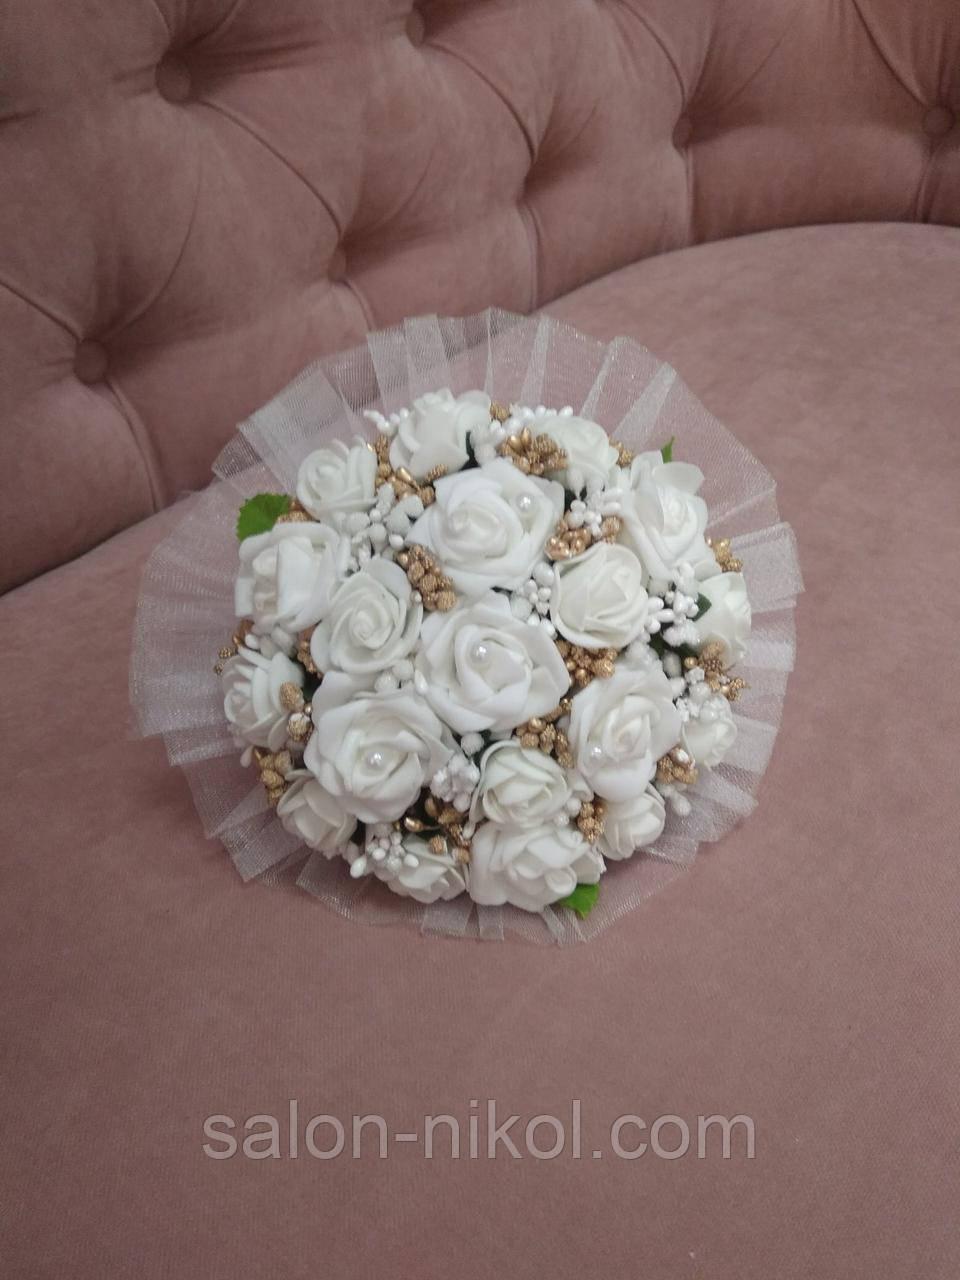 Свадебный букет-дублер для невесты (белого цвета с золотыми тычинками)